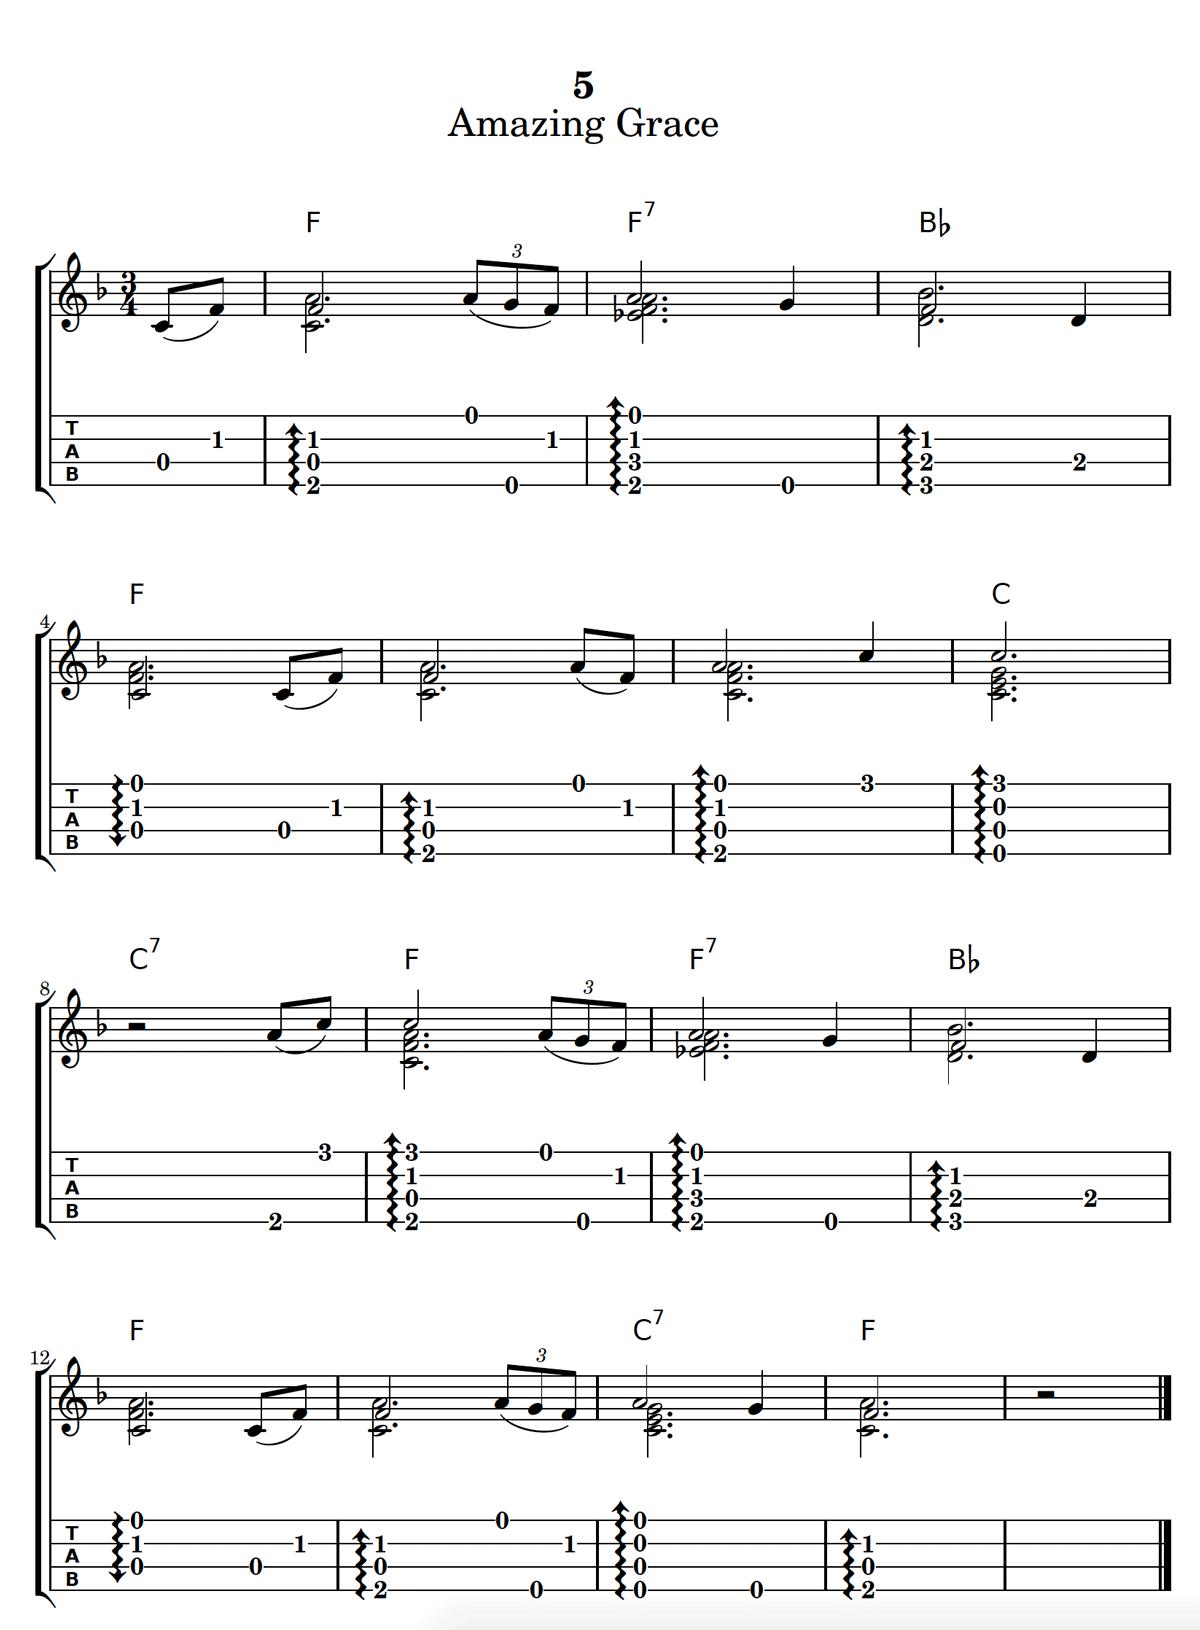 Amazing Grace Chord Melody Ukulele Tab : Ukulele Go